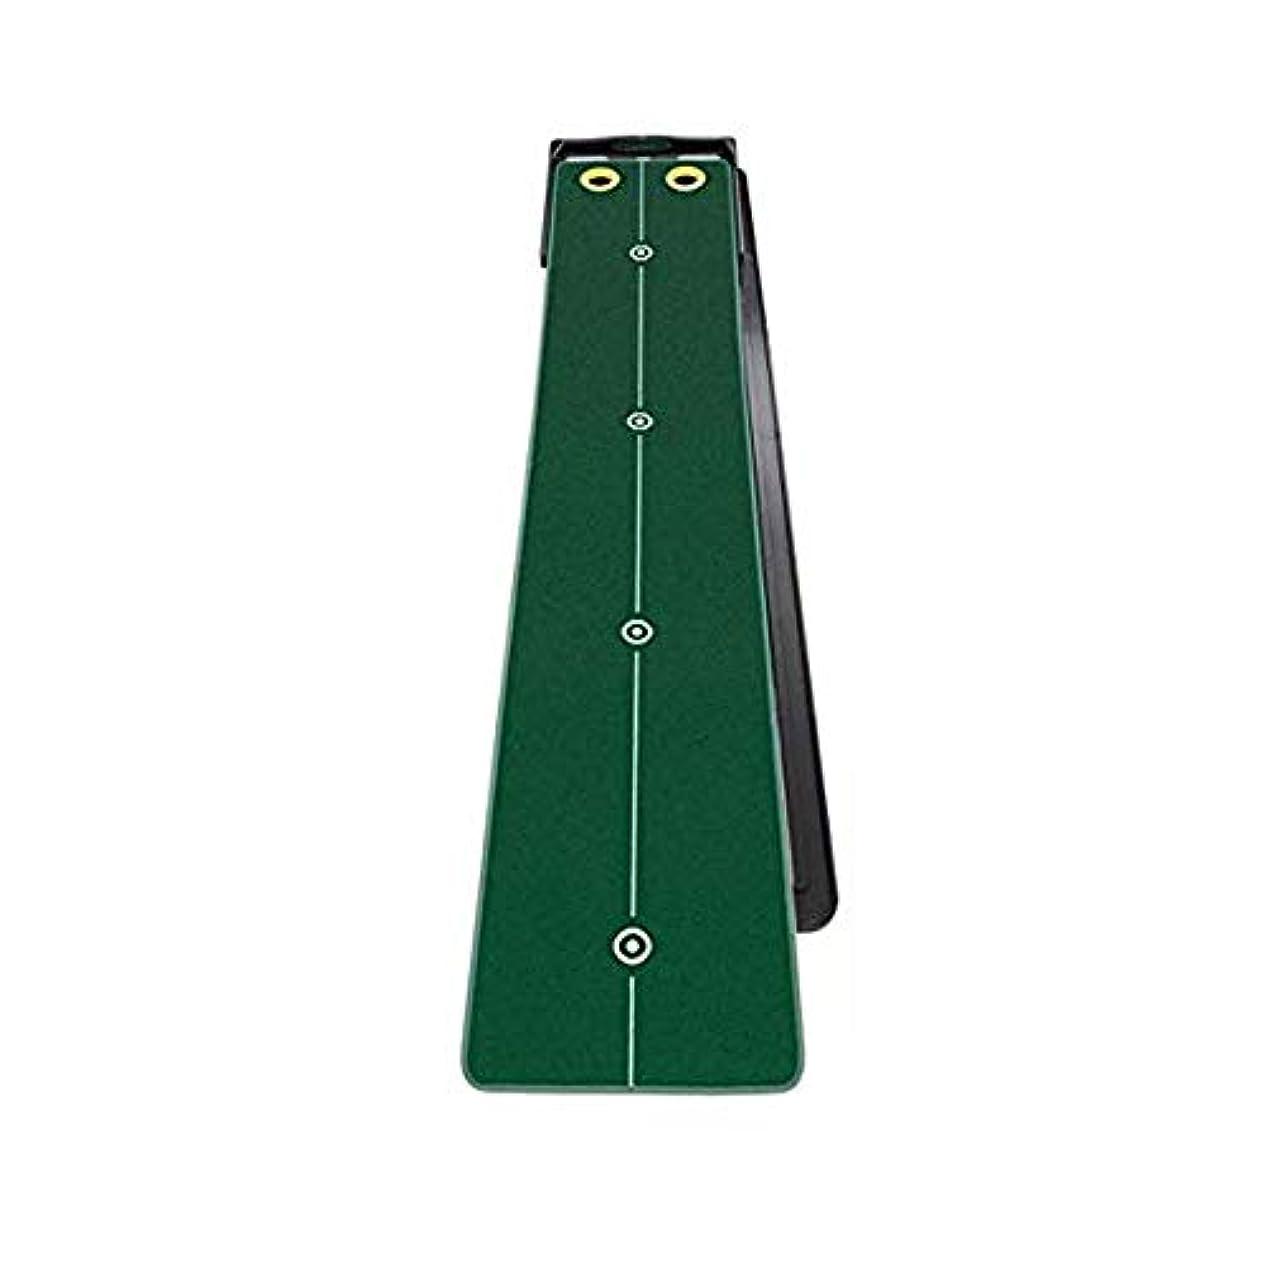 本質的に確実放散するYDXYZ ゴルフマット室内マット付きパッティンググリーンドライビング&チッピング練習ゴルフヒットマット付きボールリターングリーン50 * 300 cm